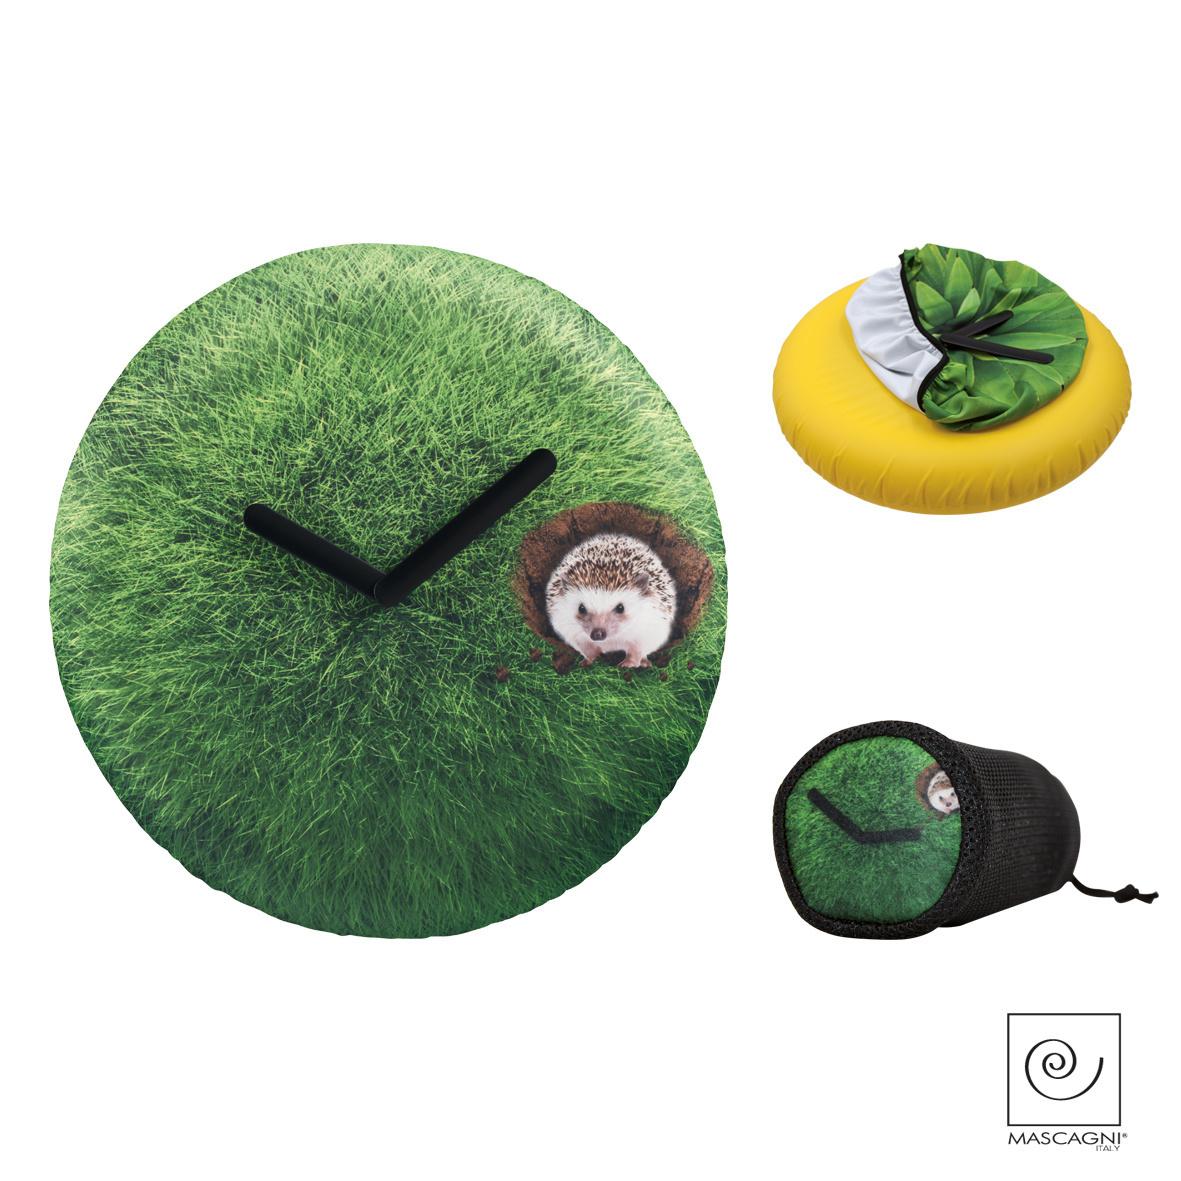 Art Mascagni M564 INFLATABLE CLOCK DIAM.50